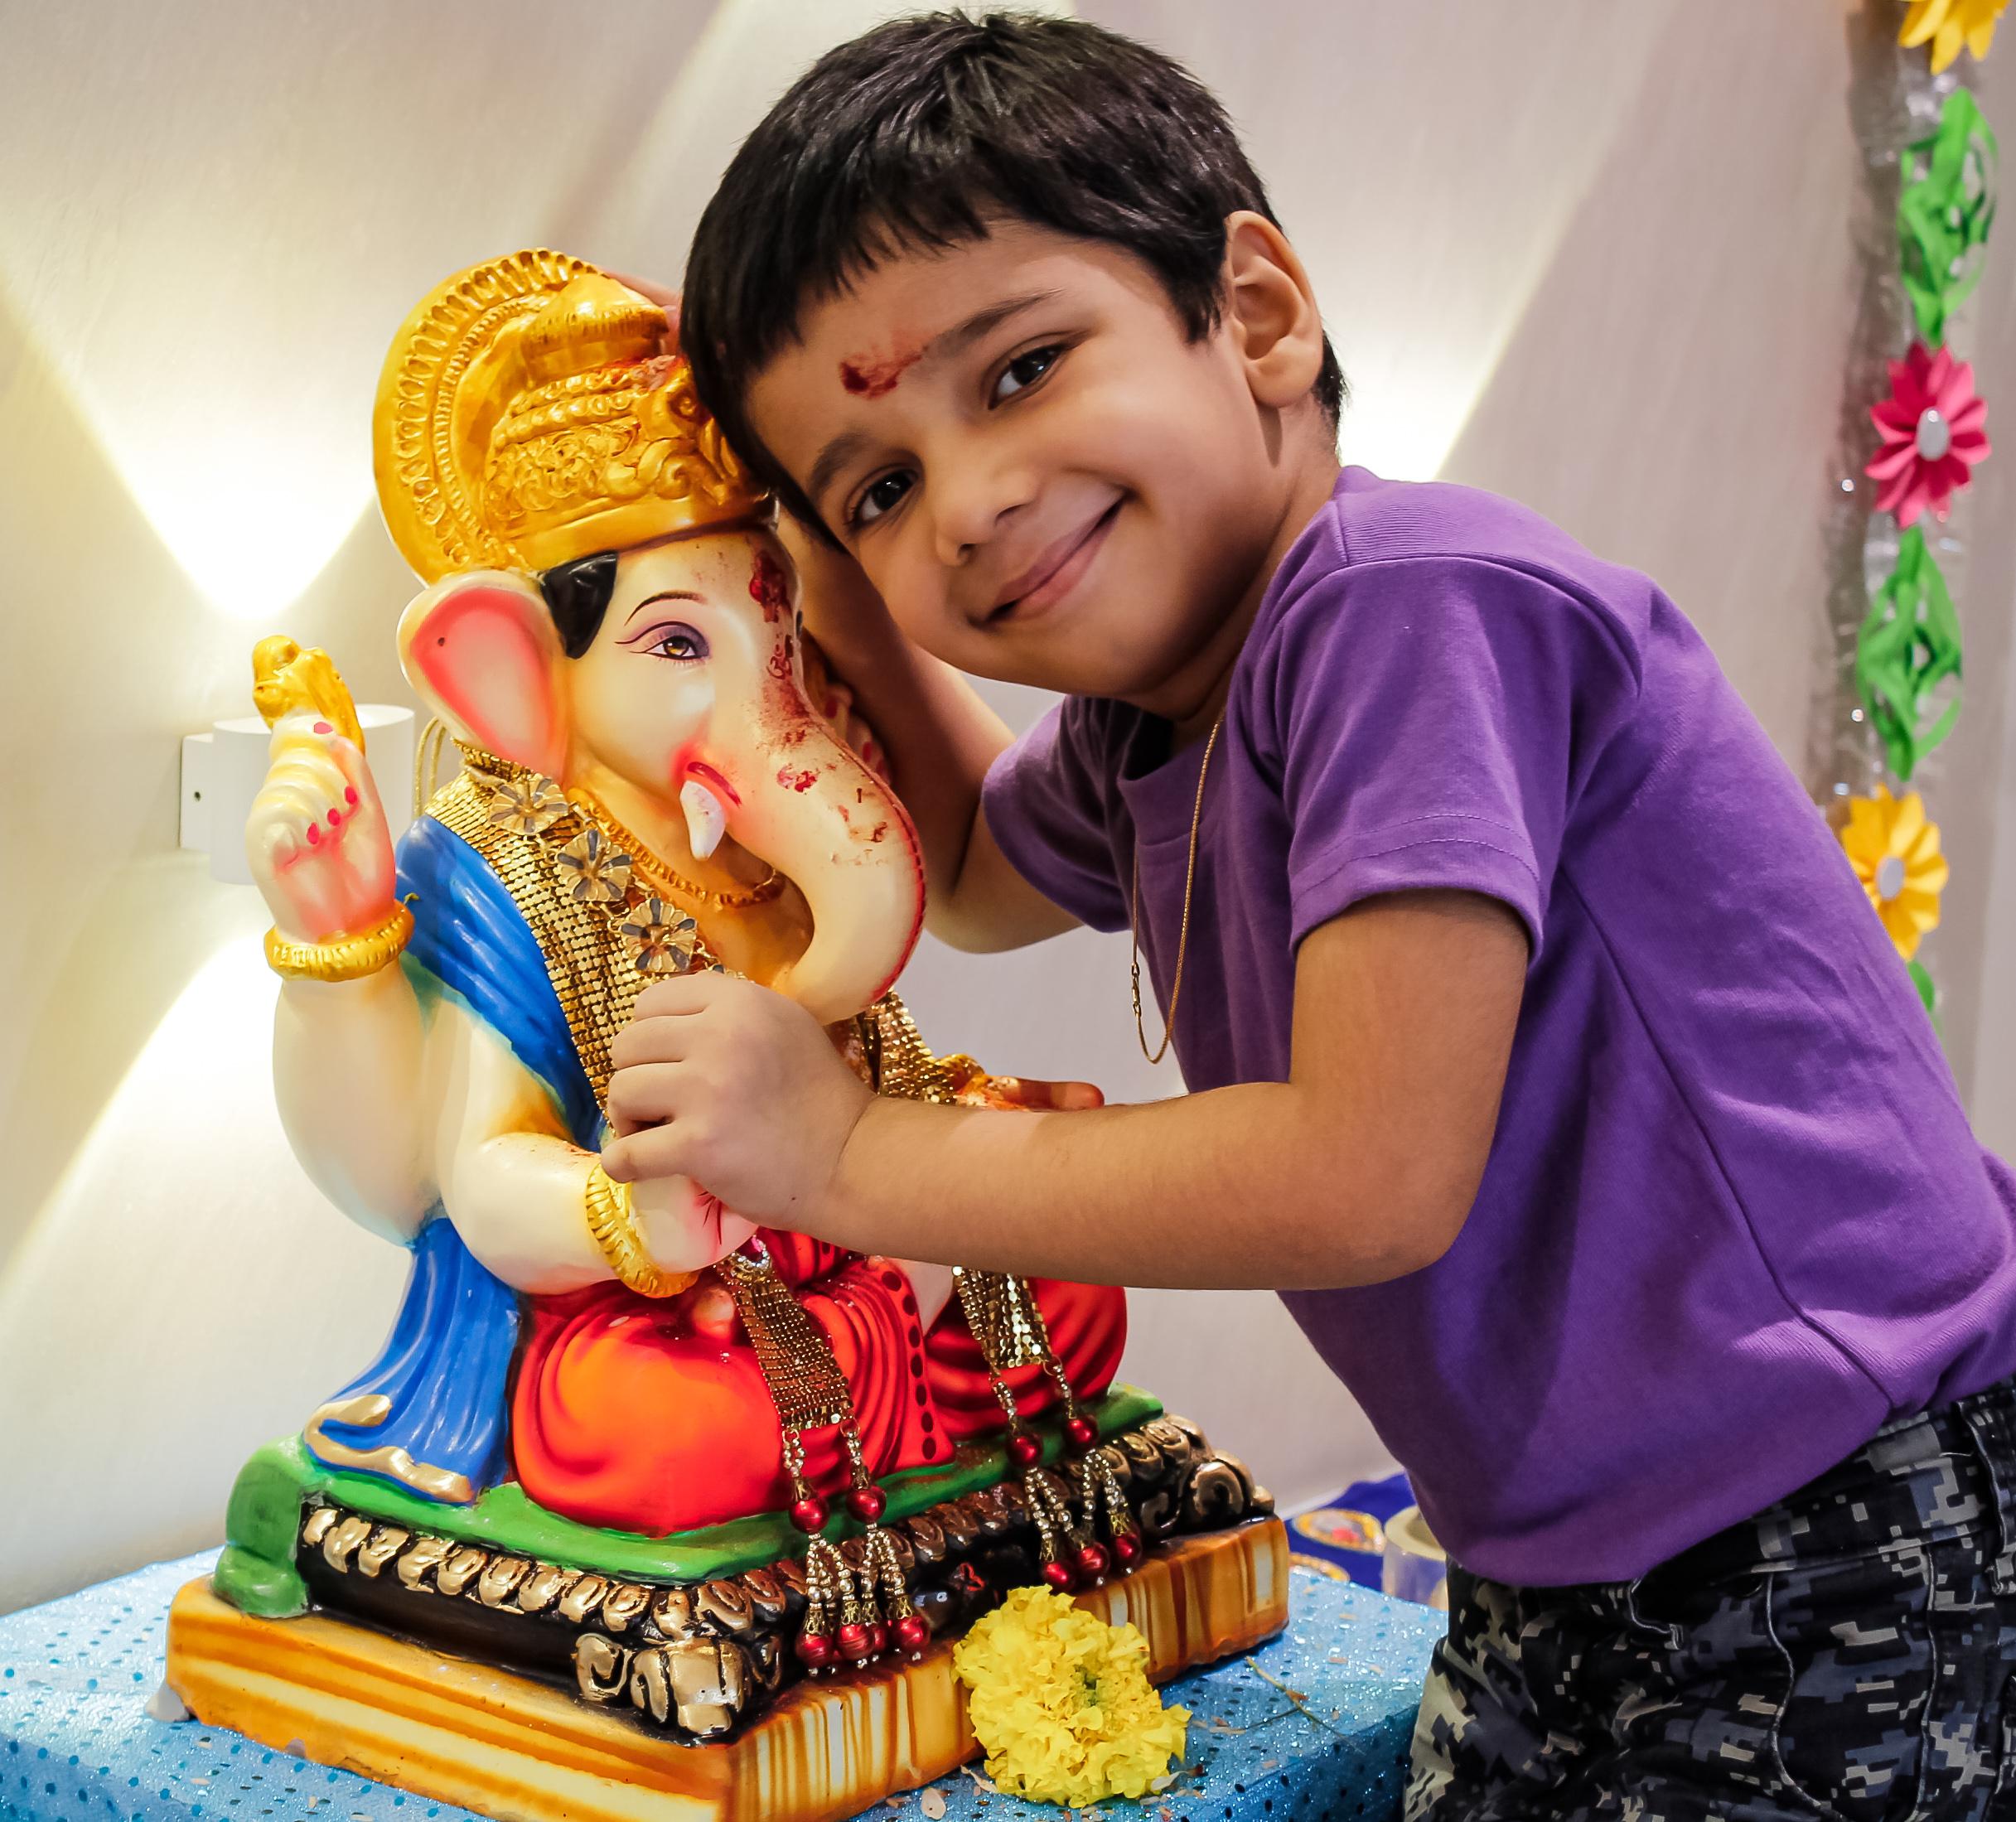 Kid with Lord Ganesha's Idol